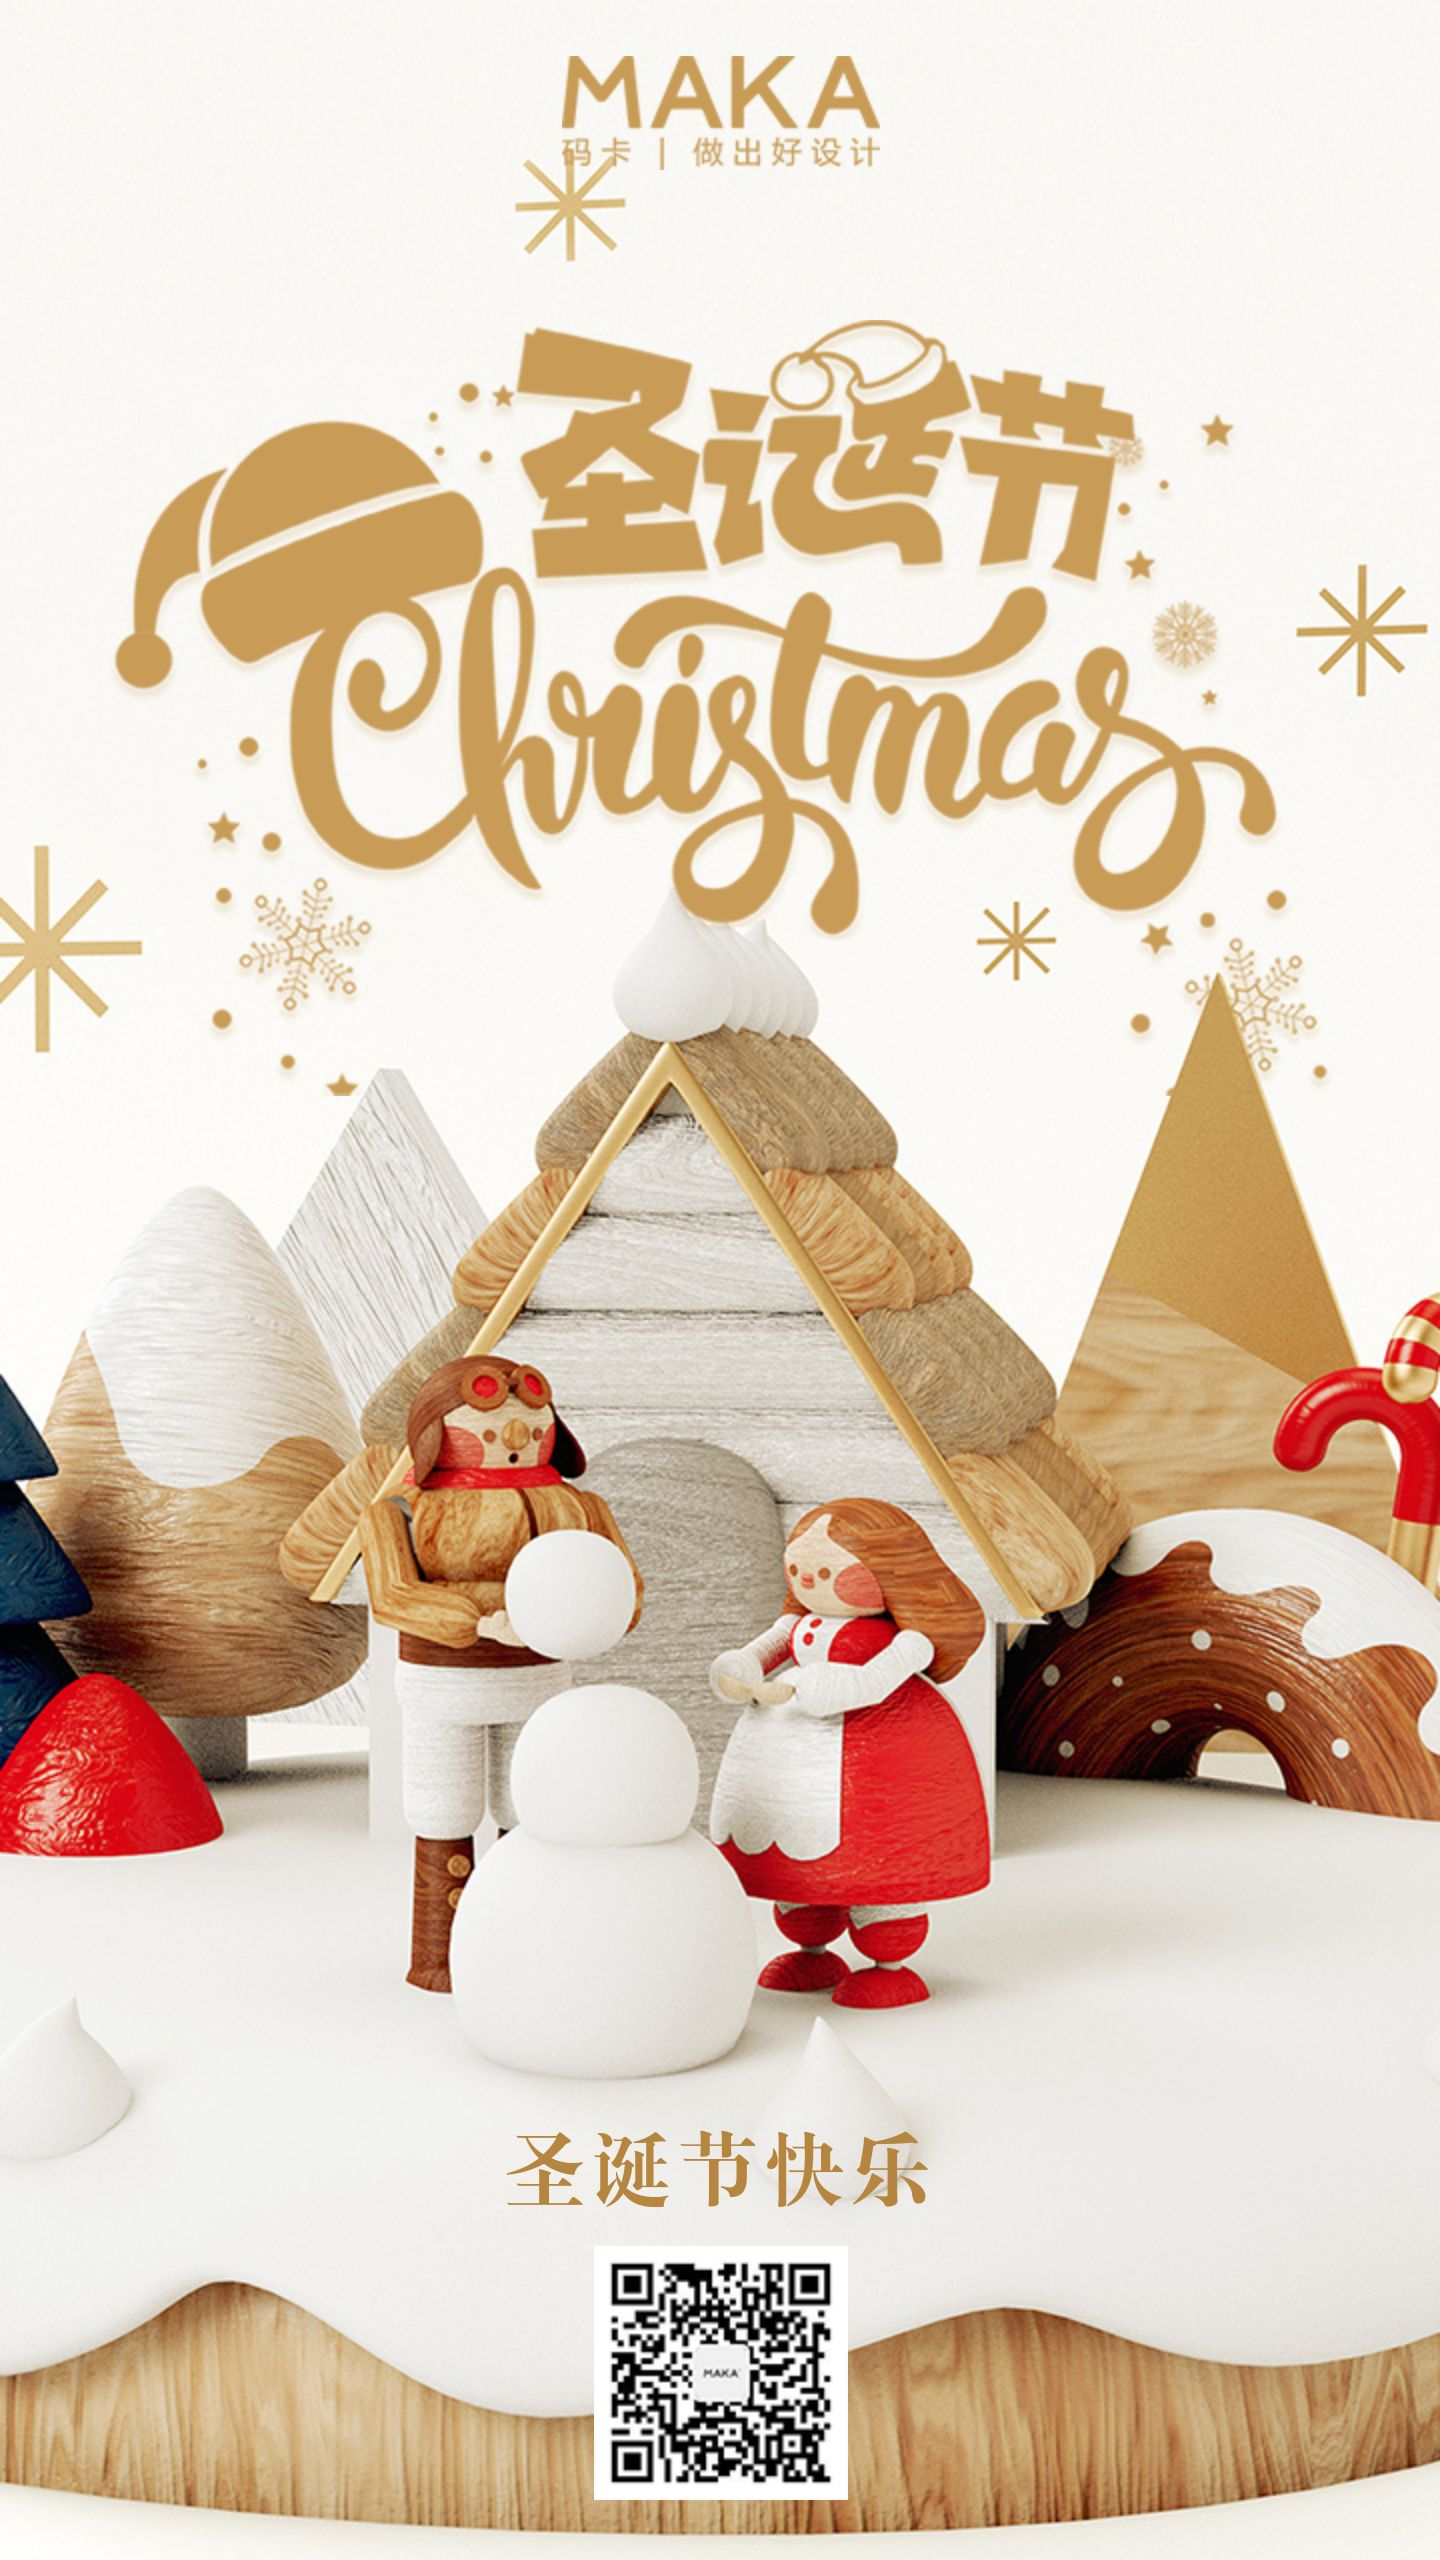 创意简约圣诞节祝福海报